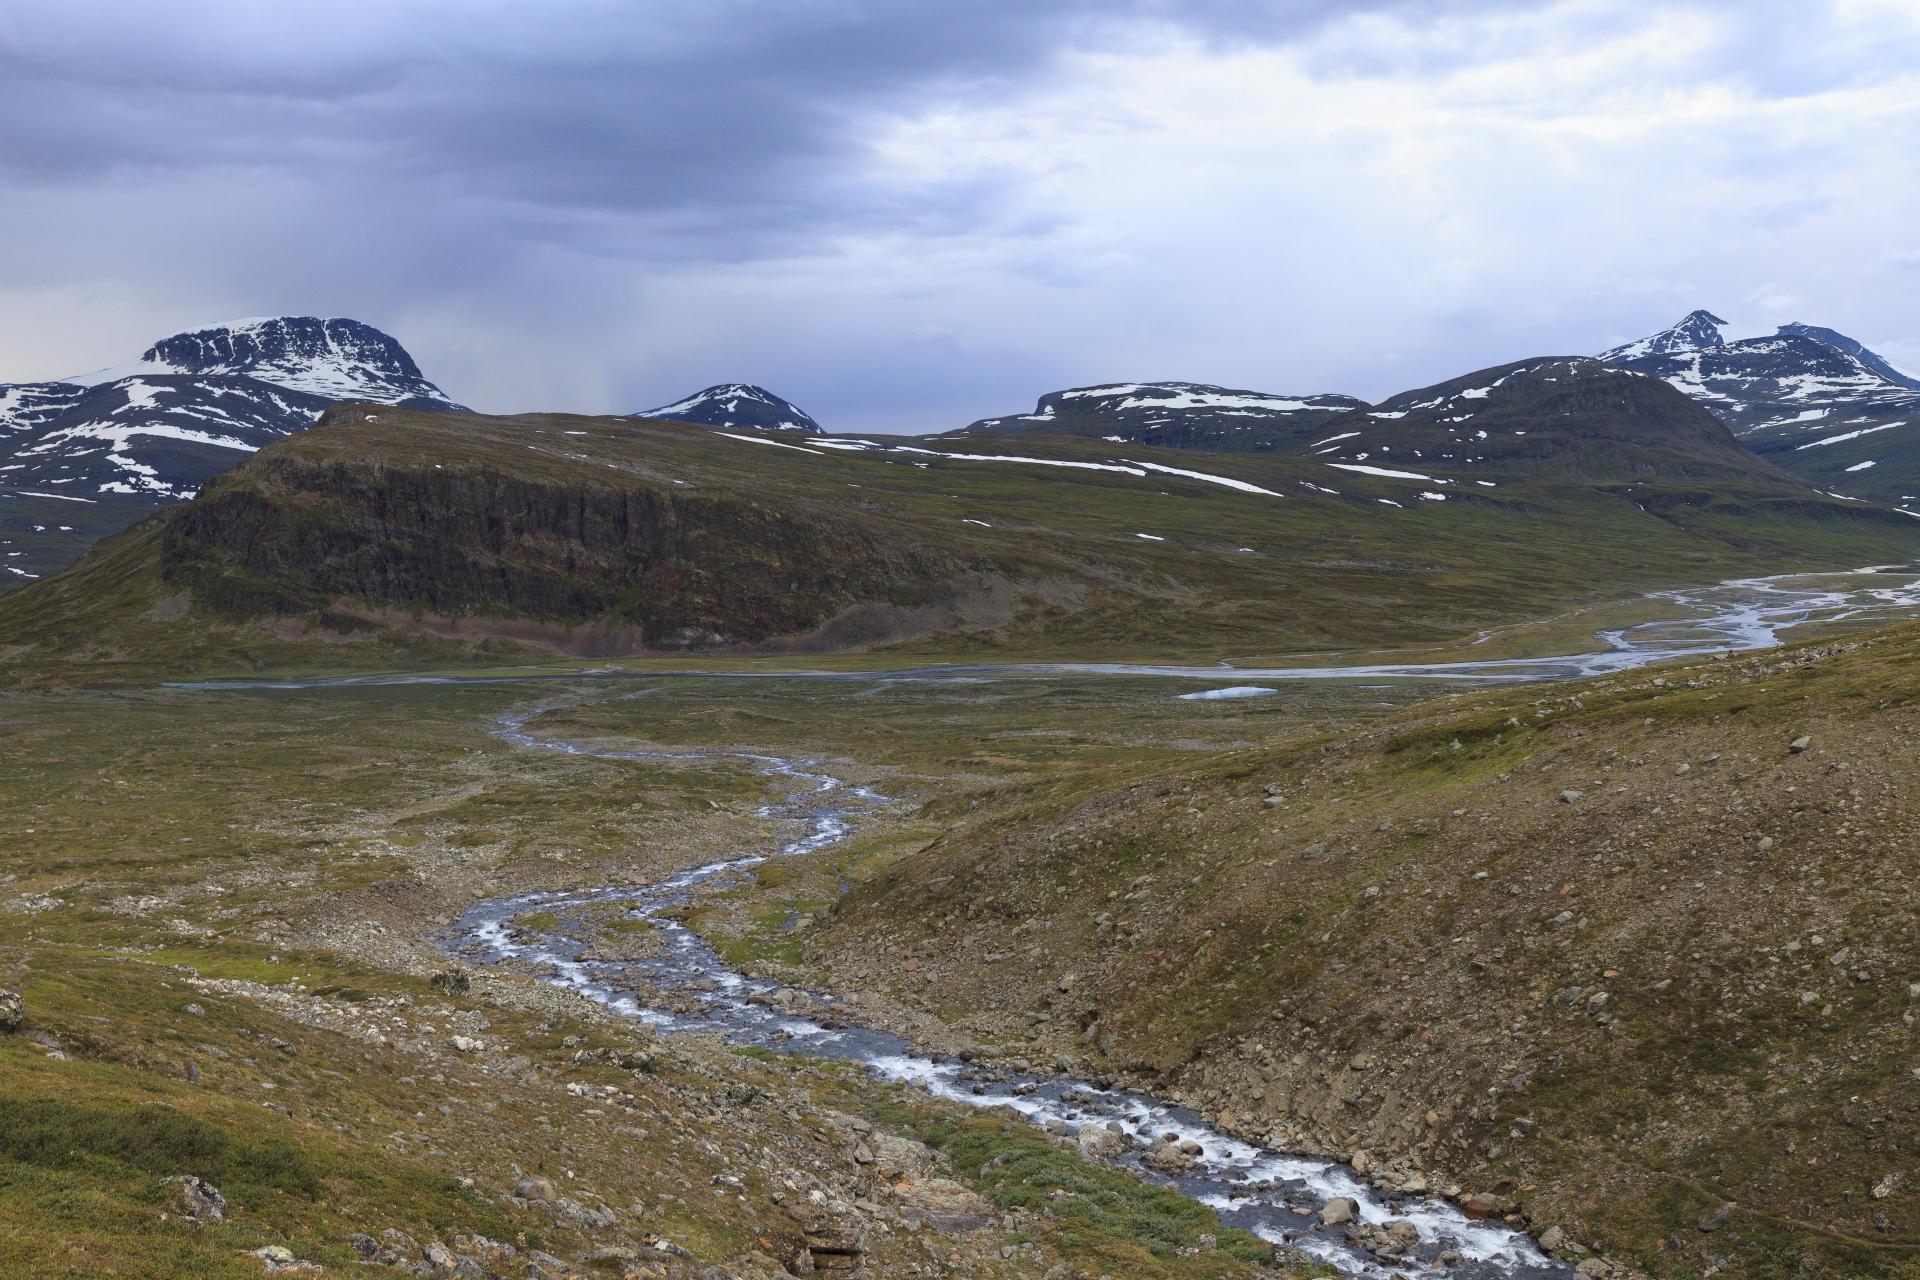 Abendstimmung – ein Blick zurück auf den Tjäktjajåkka, links die Felswand des Mádir (1078m), dahinter der Stuor Ruška (1700m) und neben dem Mádir der Roavgoaivi mit dem Mádirčohkka dahinter und dann am Bildrand ein Hauptgipfel der Sälka Gruppe mi